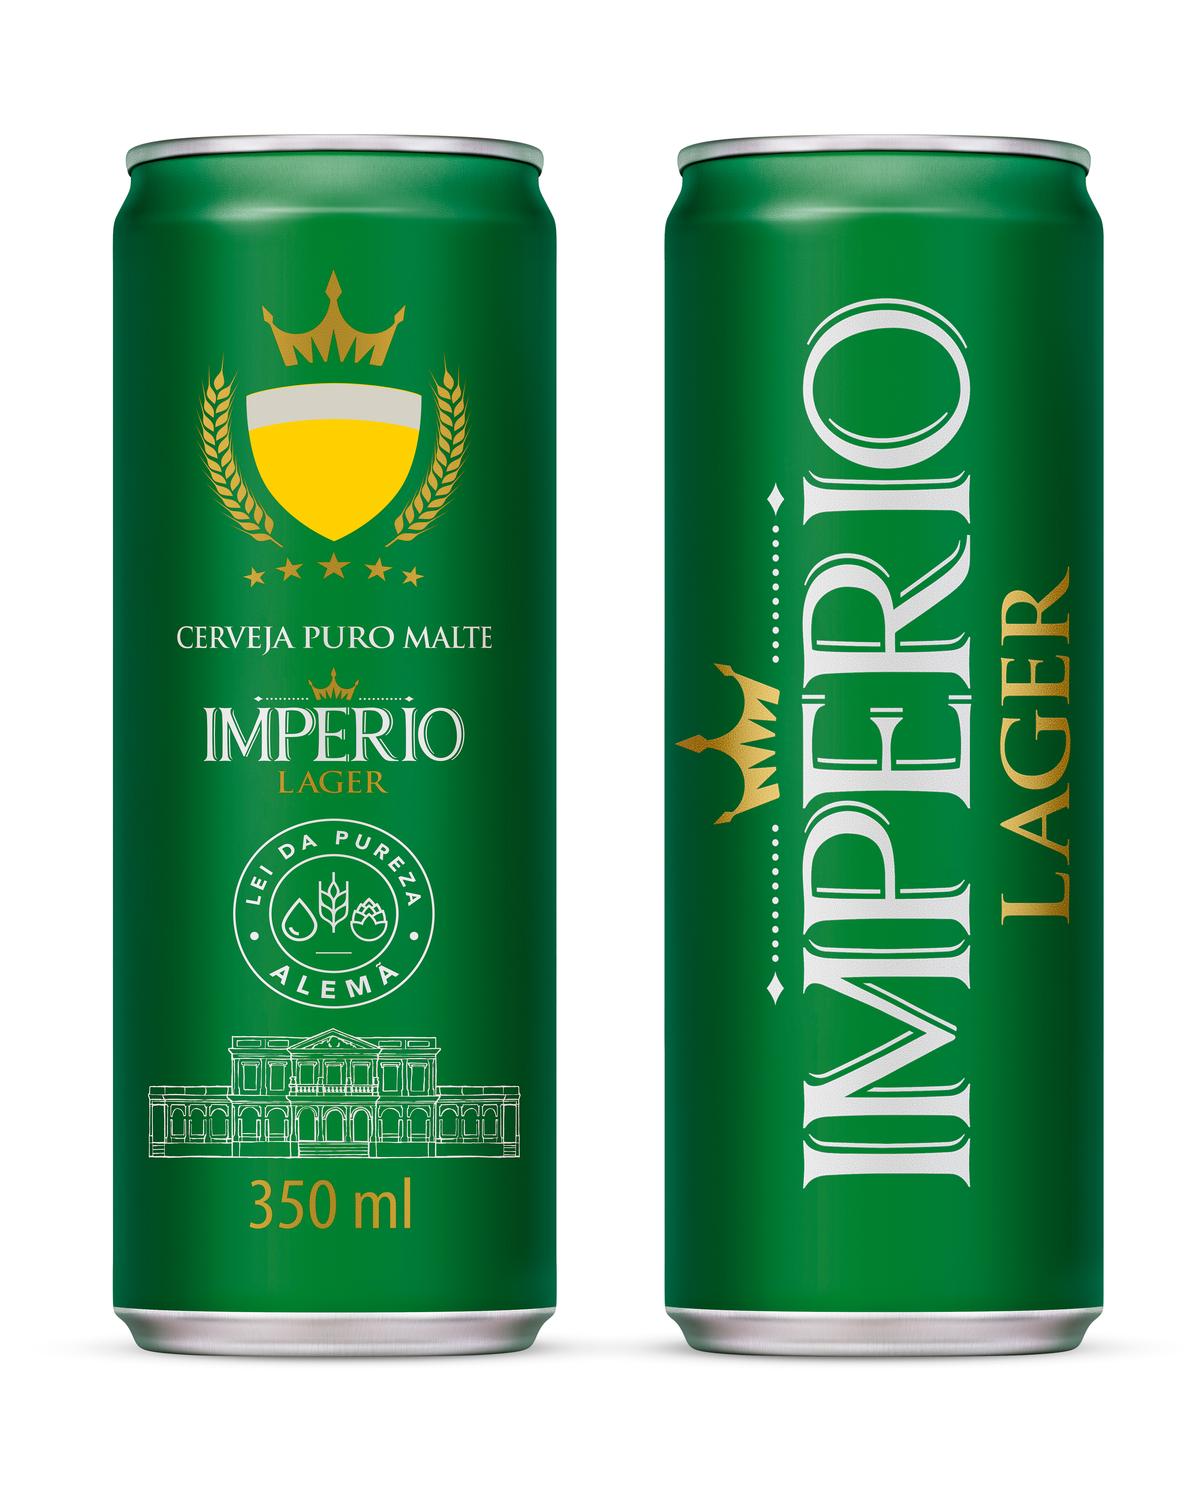 CERVEJA IMPERIO LAGER PURO MALTE 350ML UN